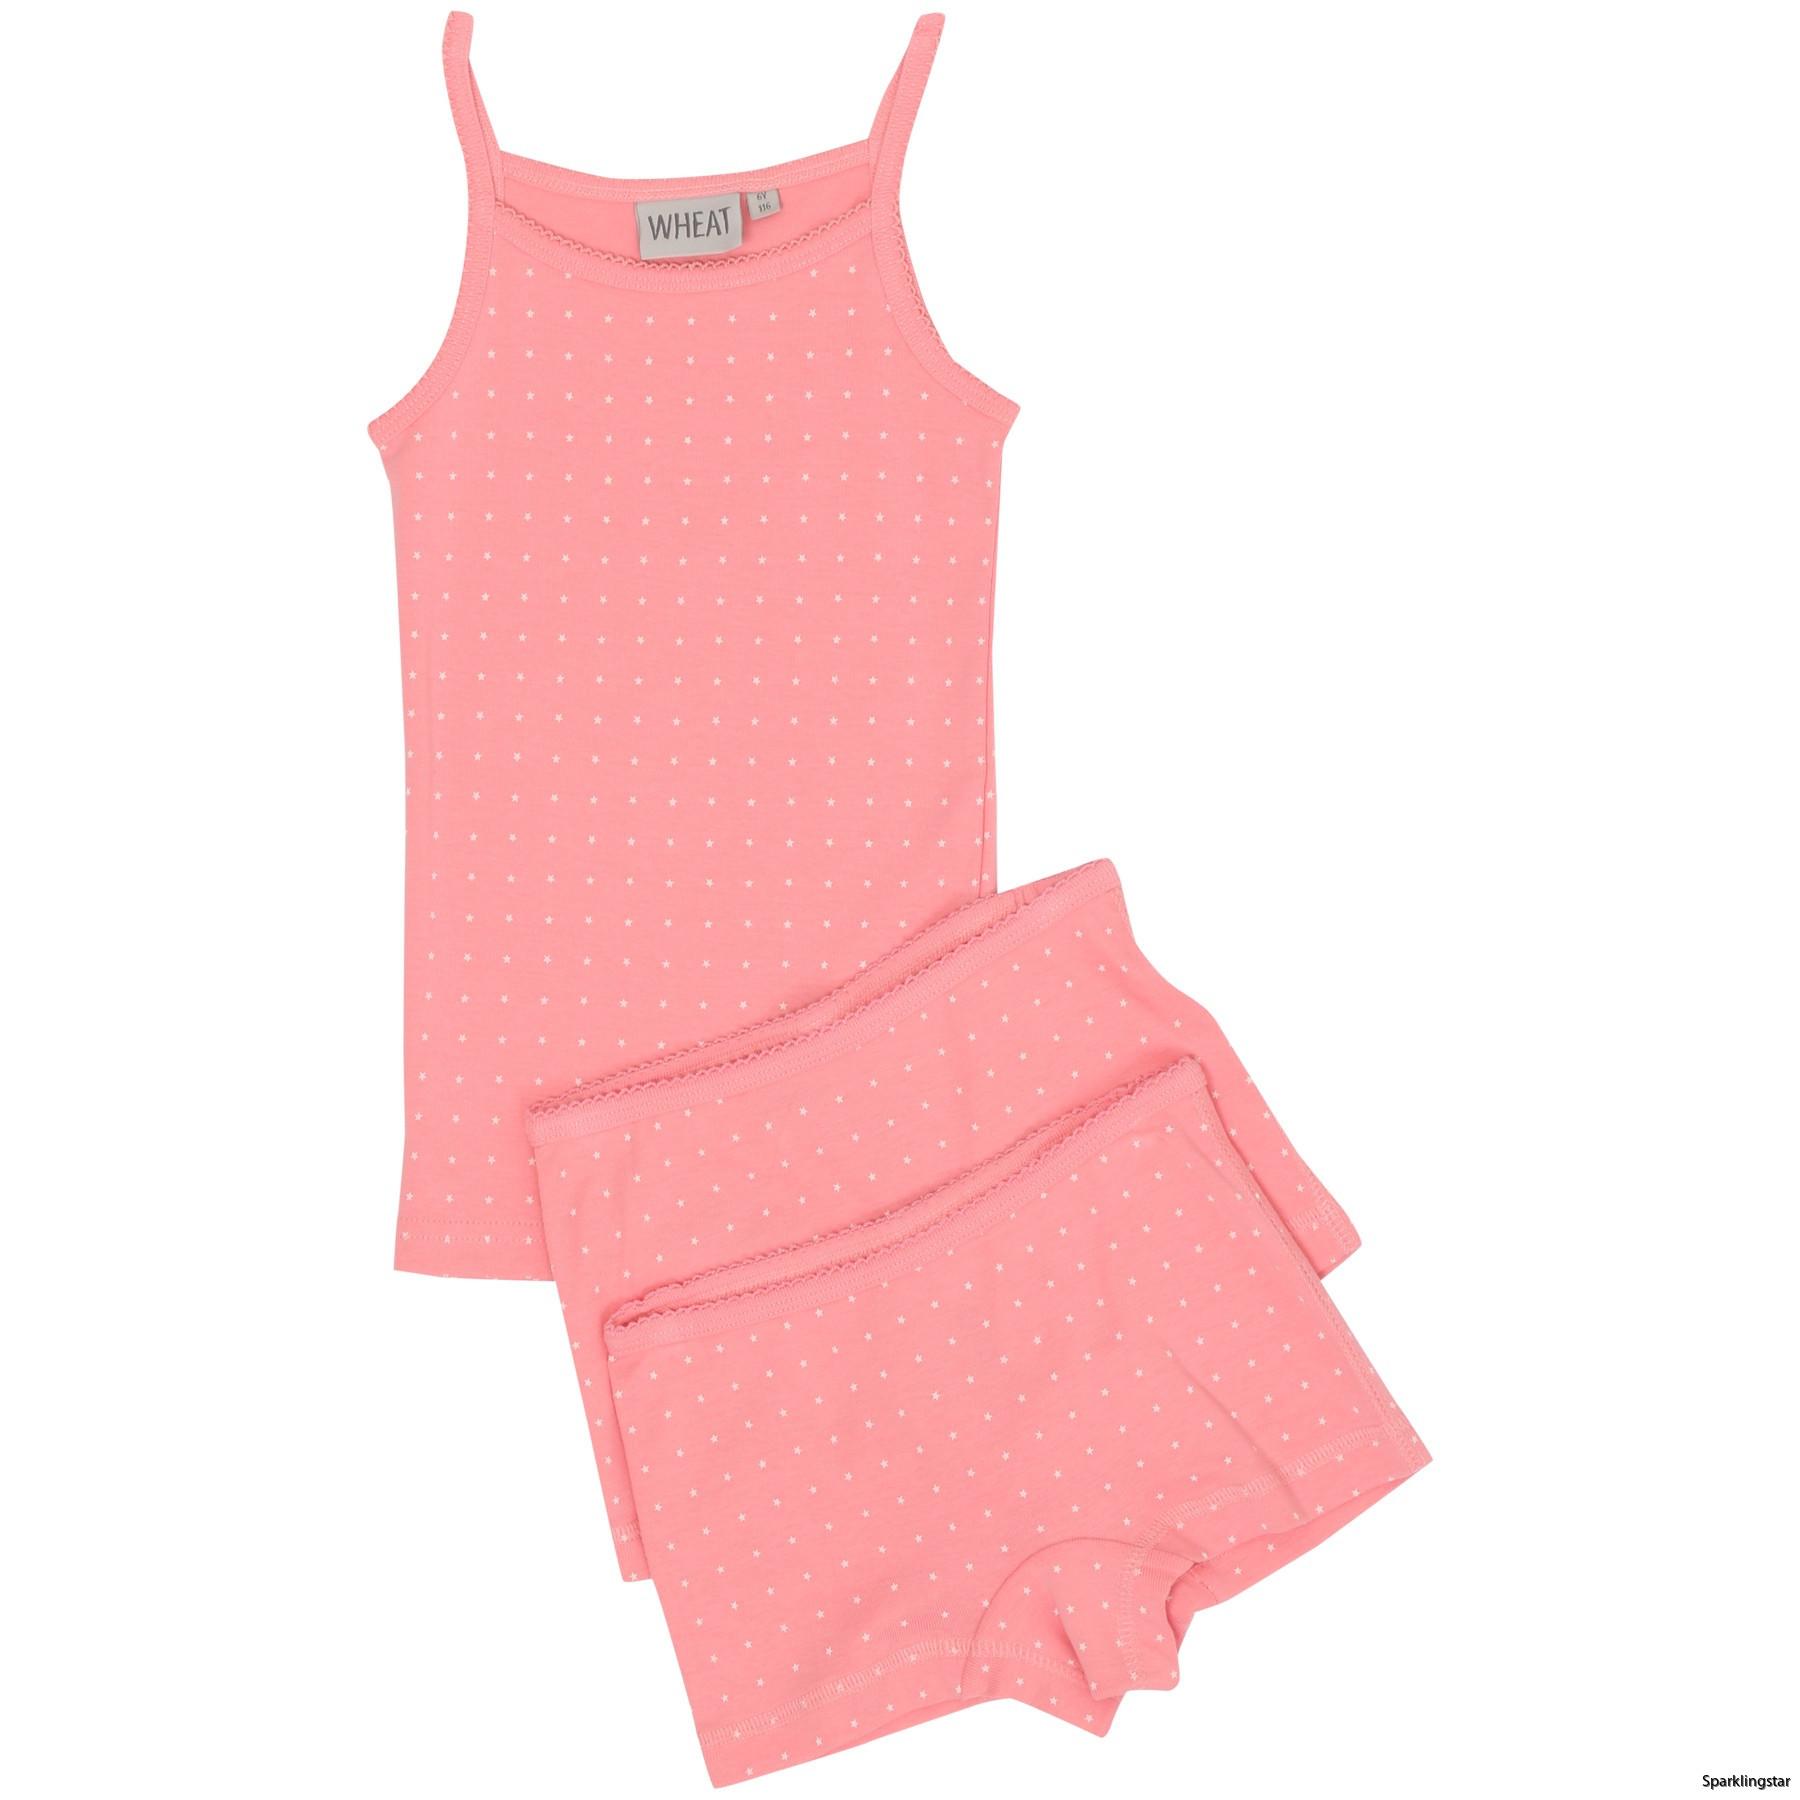 Wheat Girls Printed Underwear Pink